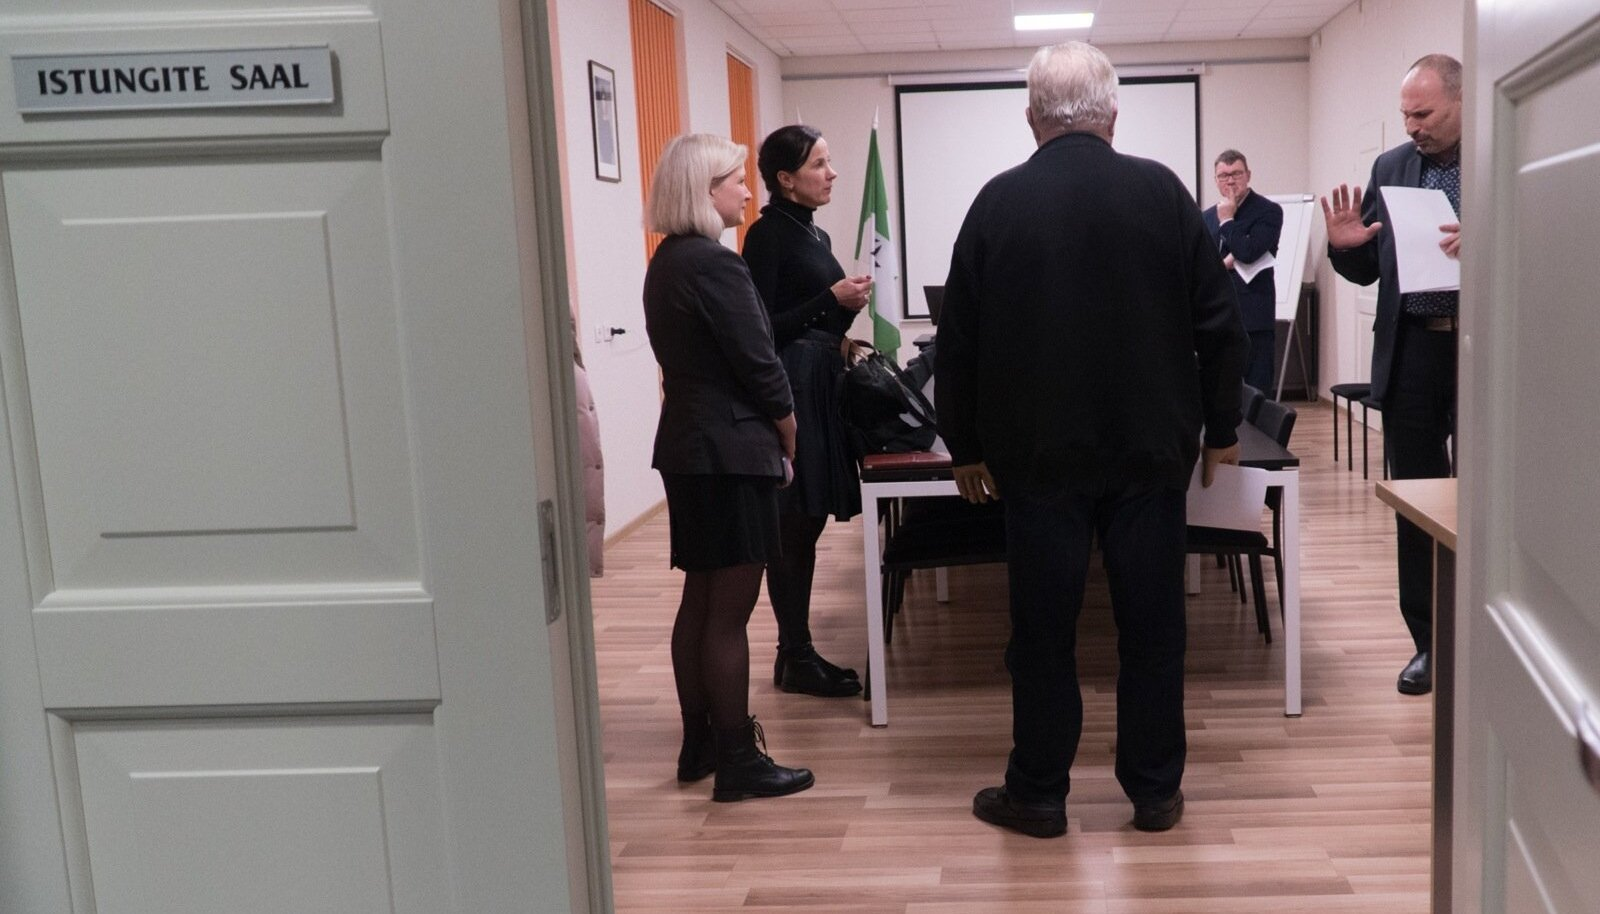 Lüganuse vallavanema Viktor Rauami (paremal) otsus vallandada Kivõli I keskkooli direktor Heidi Uustal tekitas suurt vastukaja. Pildil kohtumine kooli õpetajate ja hoolekogu esindajatega, kes lubasid streikida, kui Uustal tööpostile naasta ei saa.